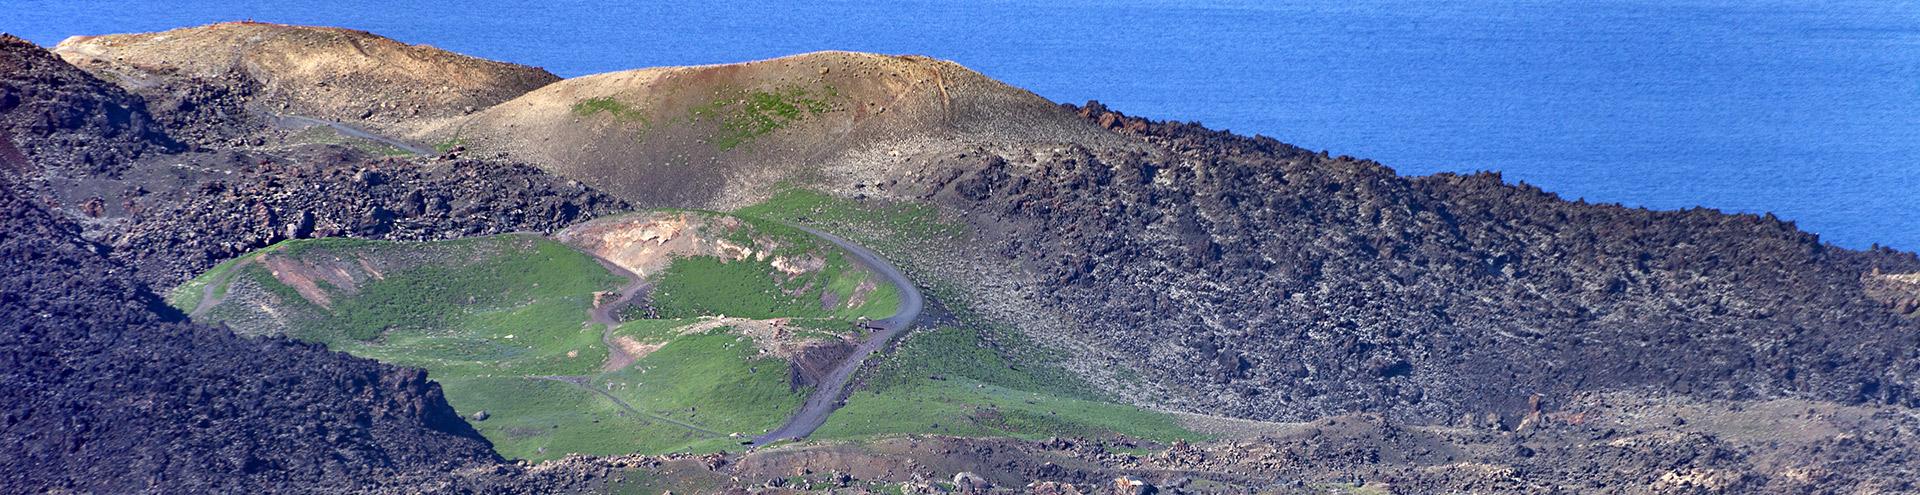 Grüner Vulkan